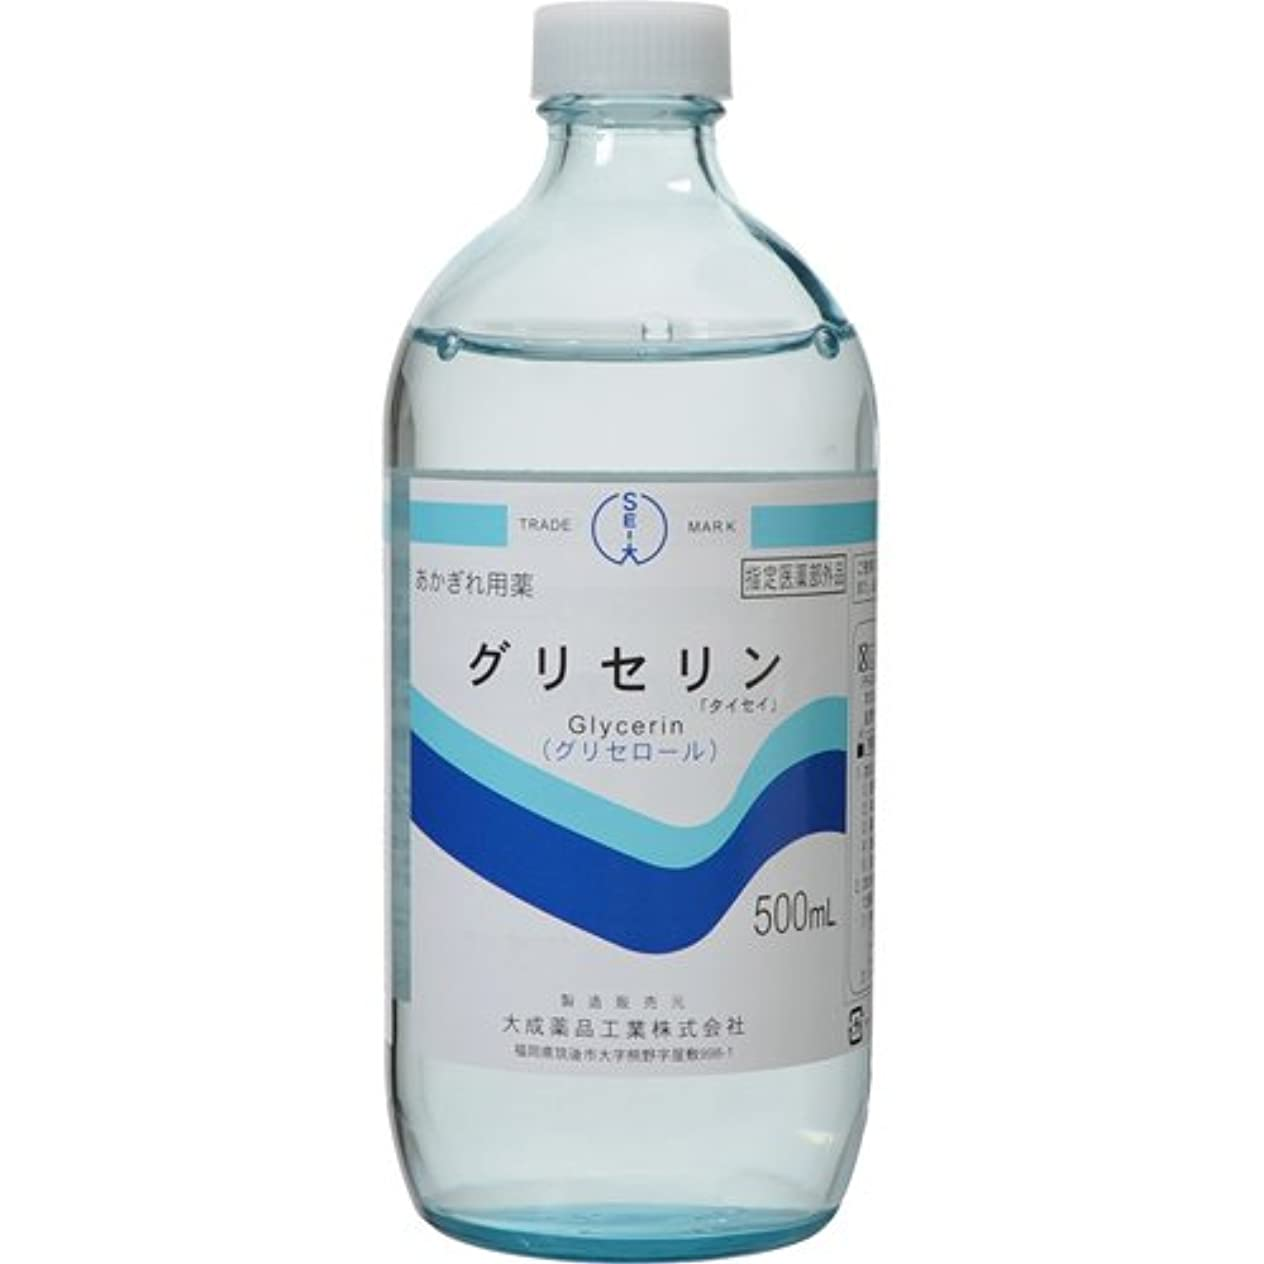 大成 グリセリン  500ml [指定医薬部外品]